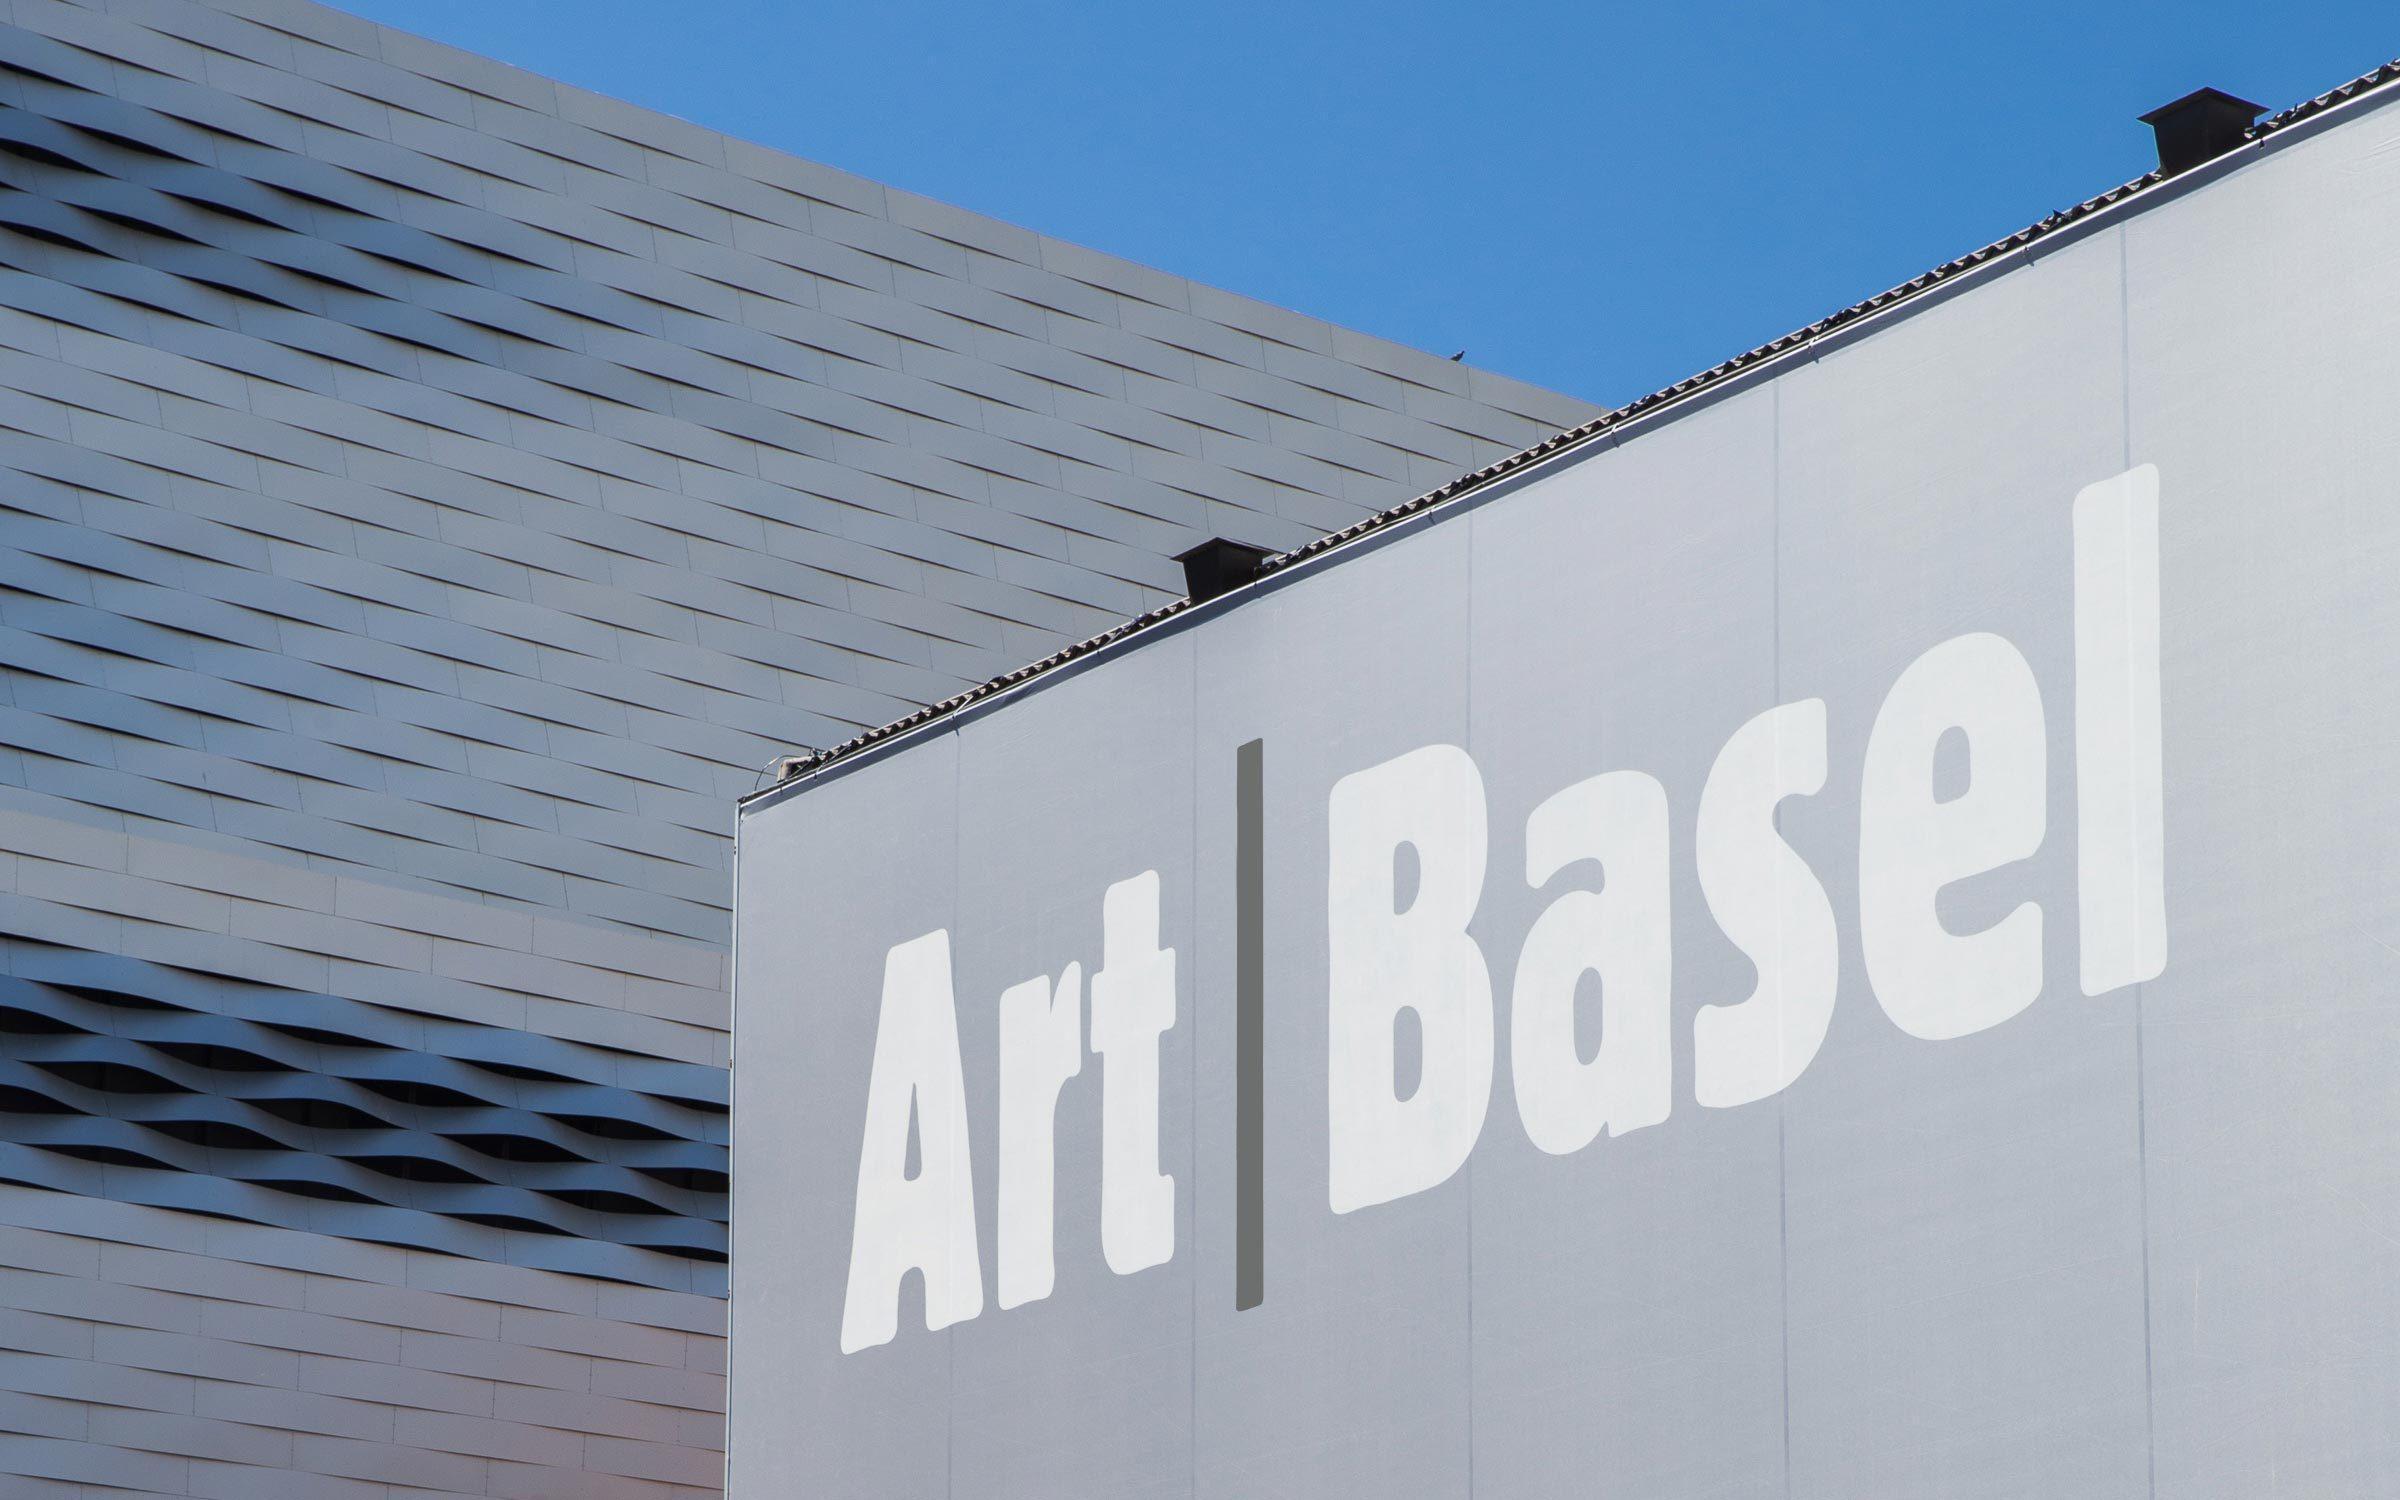 Art Basel 2021 slitta ancora: posticipata la fiera più importante del calendario artistico